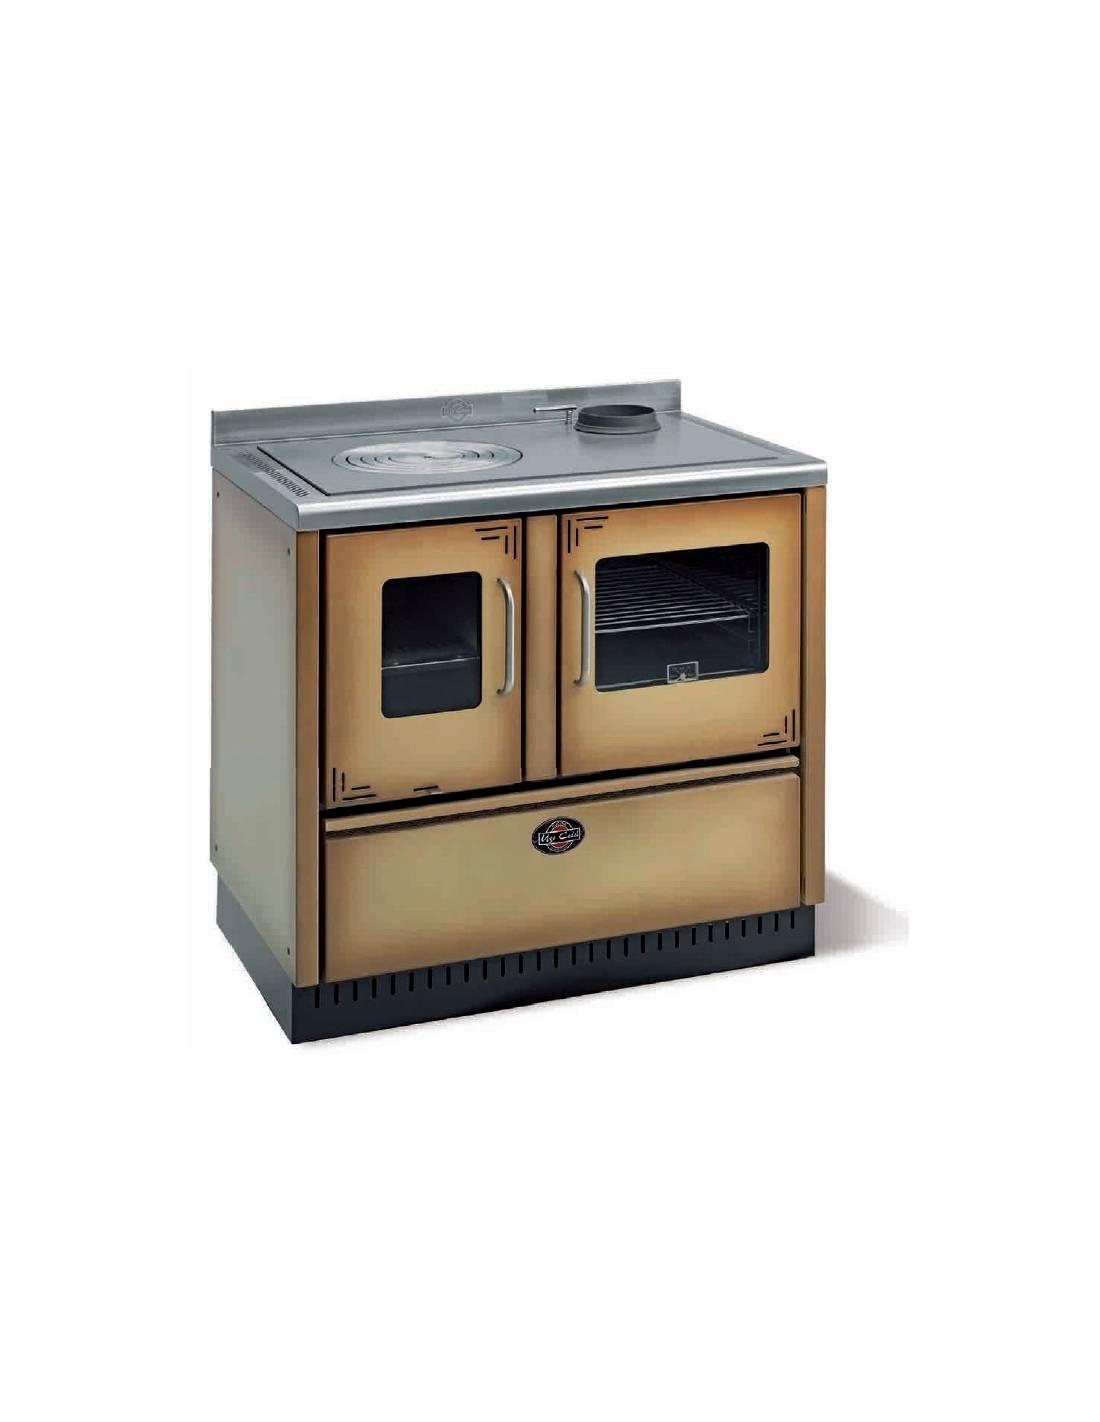 Cucina a legna ugo cadel prima 90 for Ugo cadel termocucine